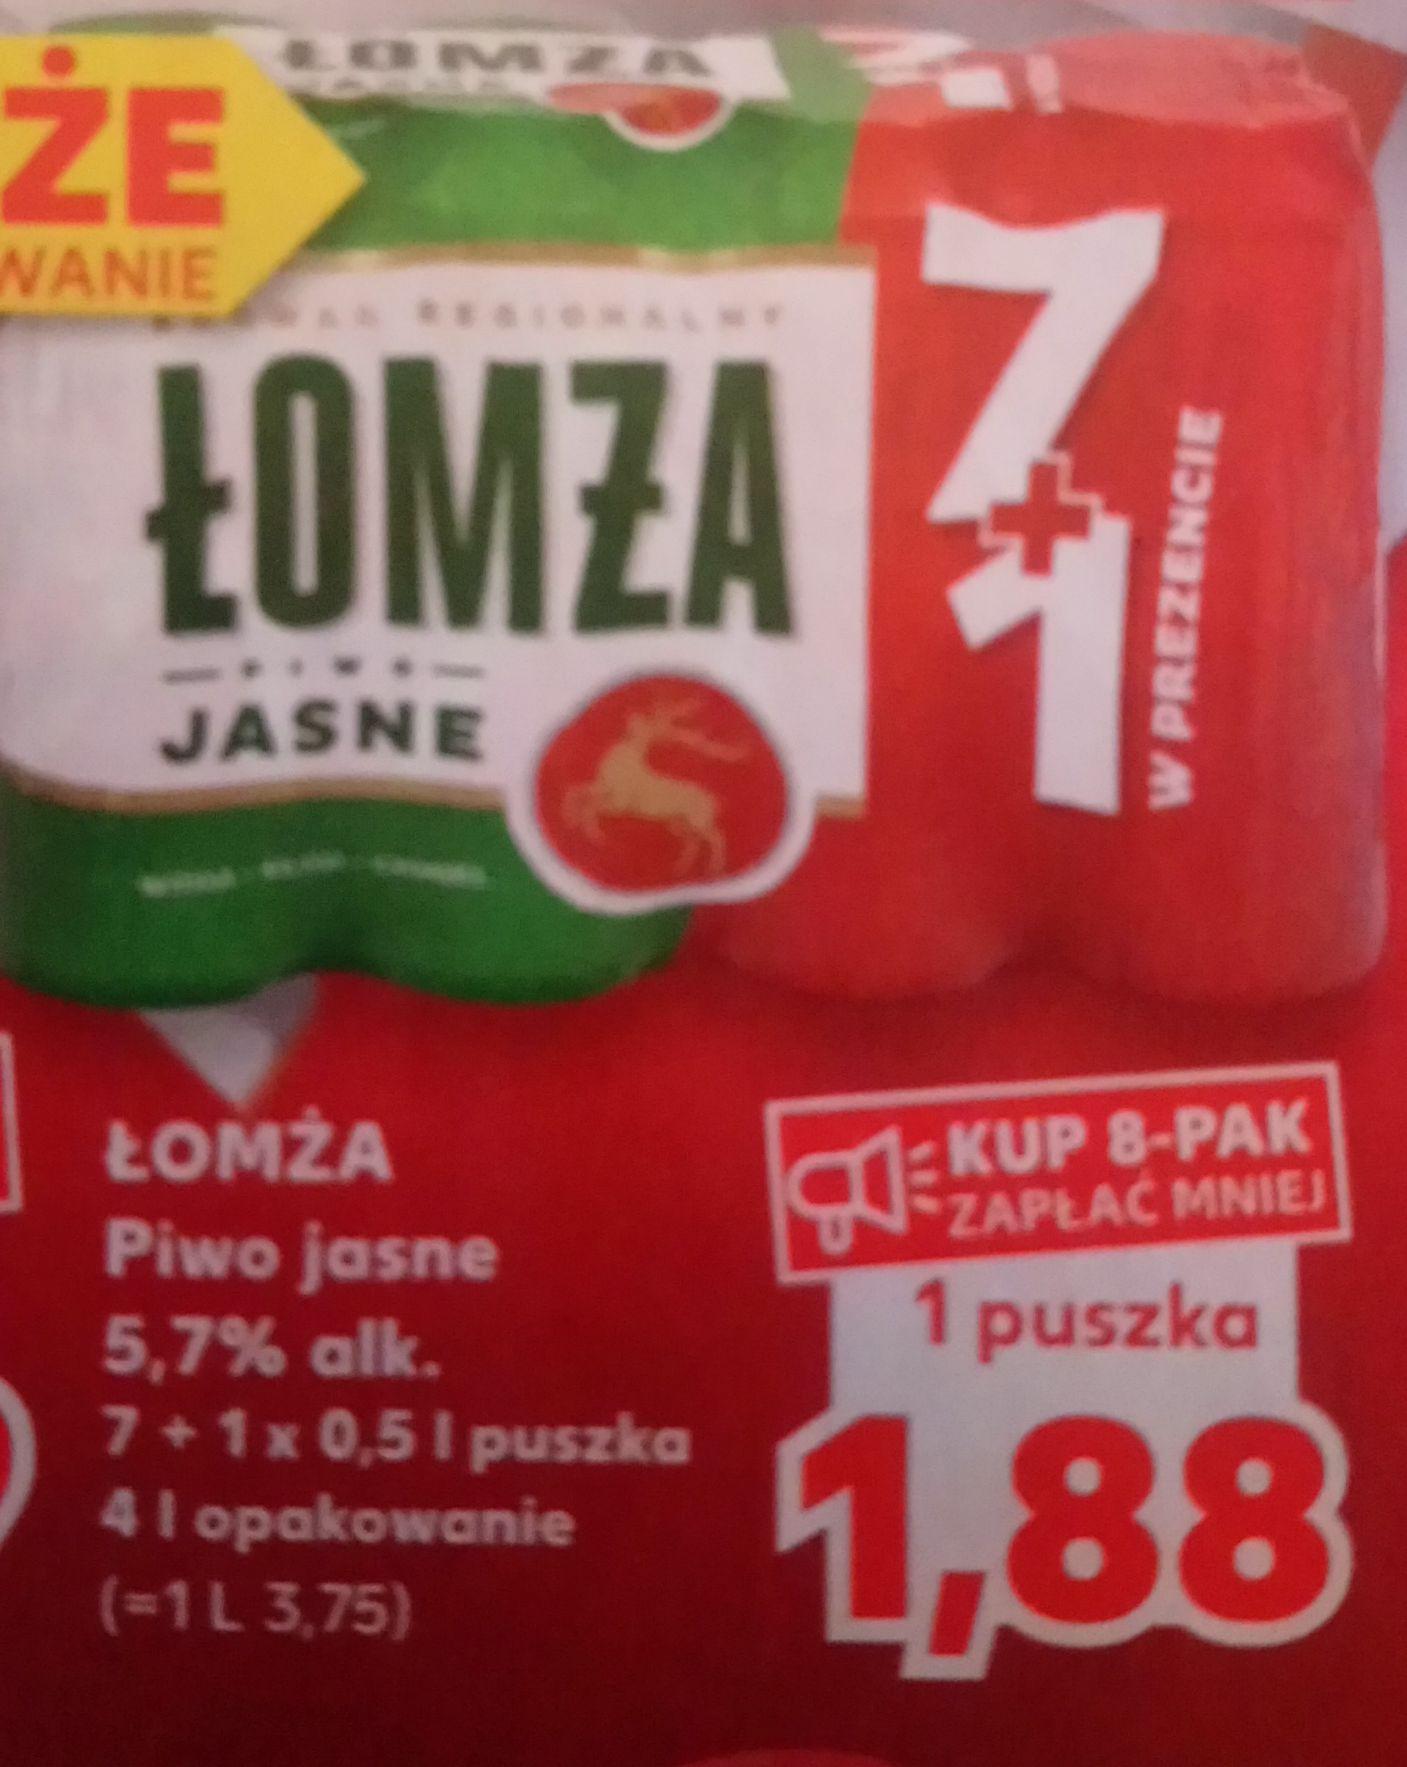 Piwo Łomża Jasne 5,7% 0,5lx8 puszka 1,88 Kaufland